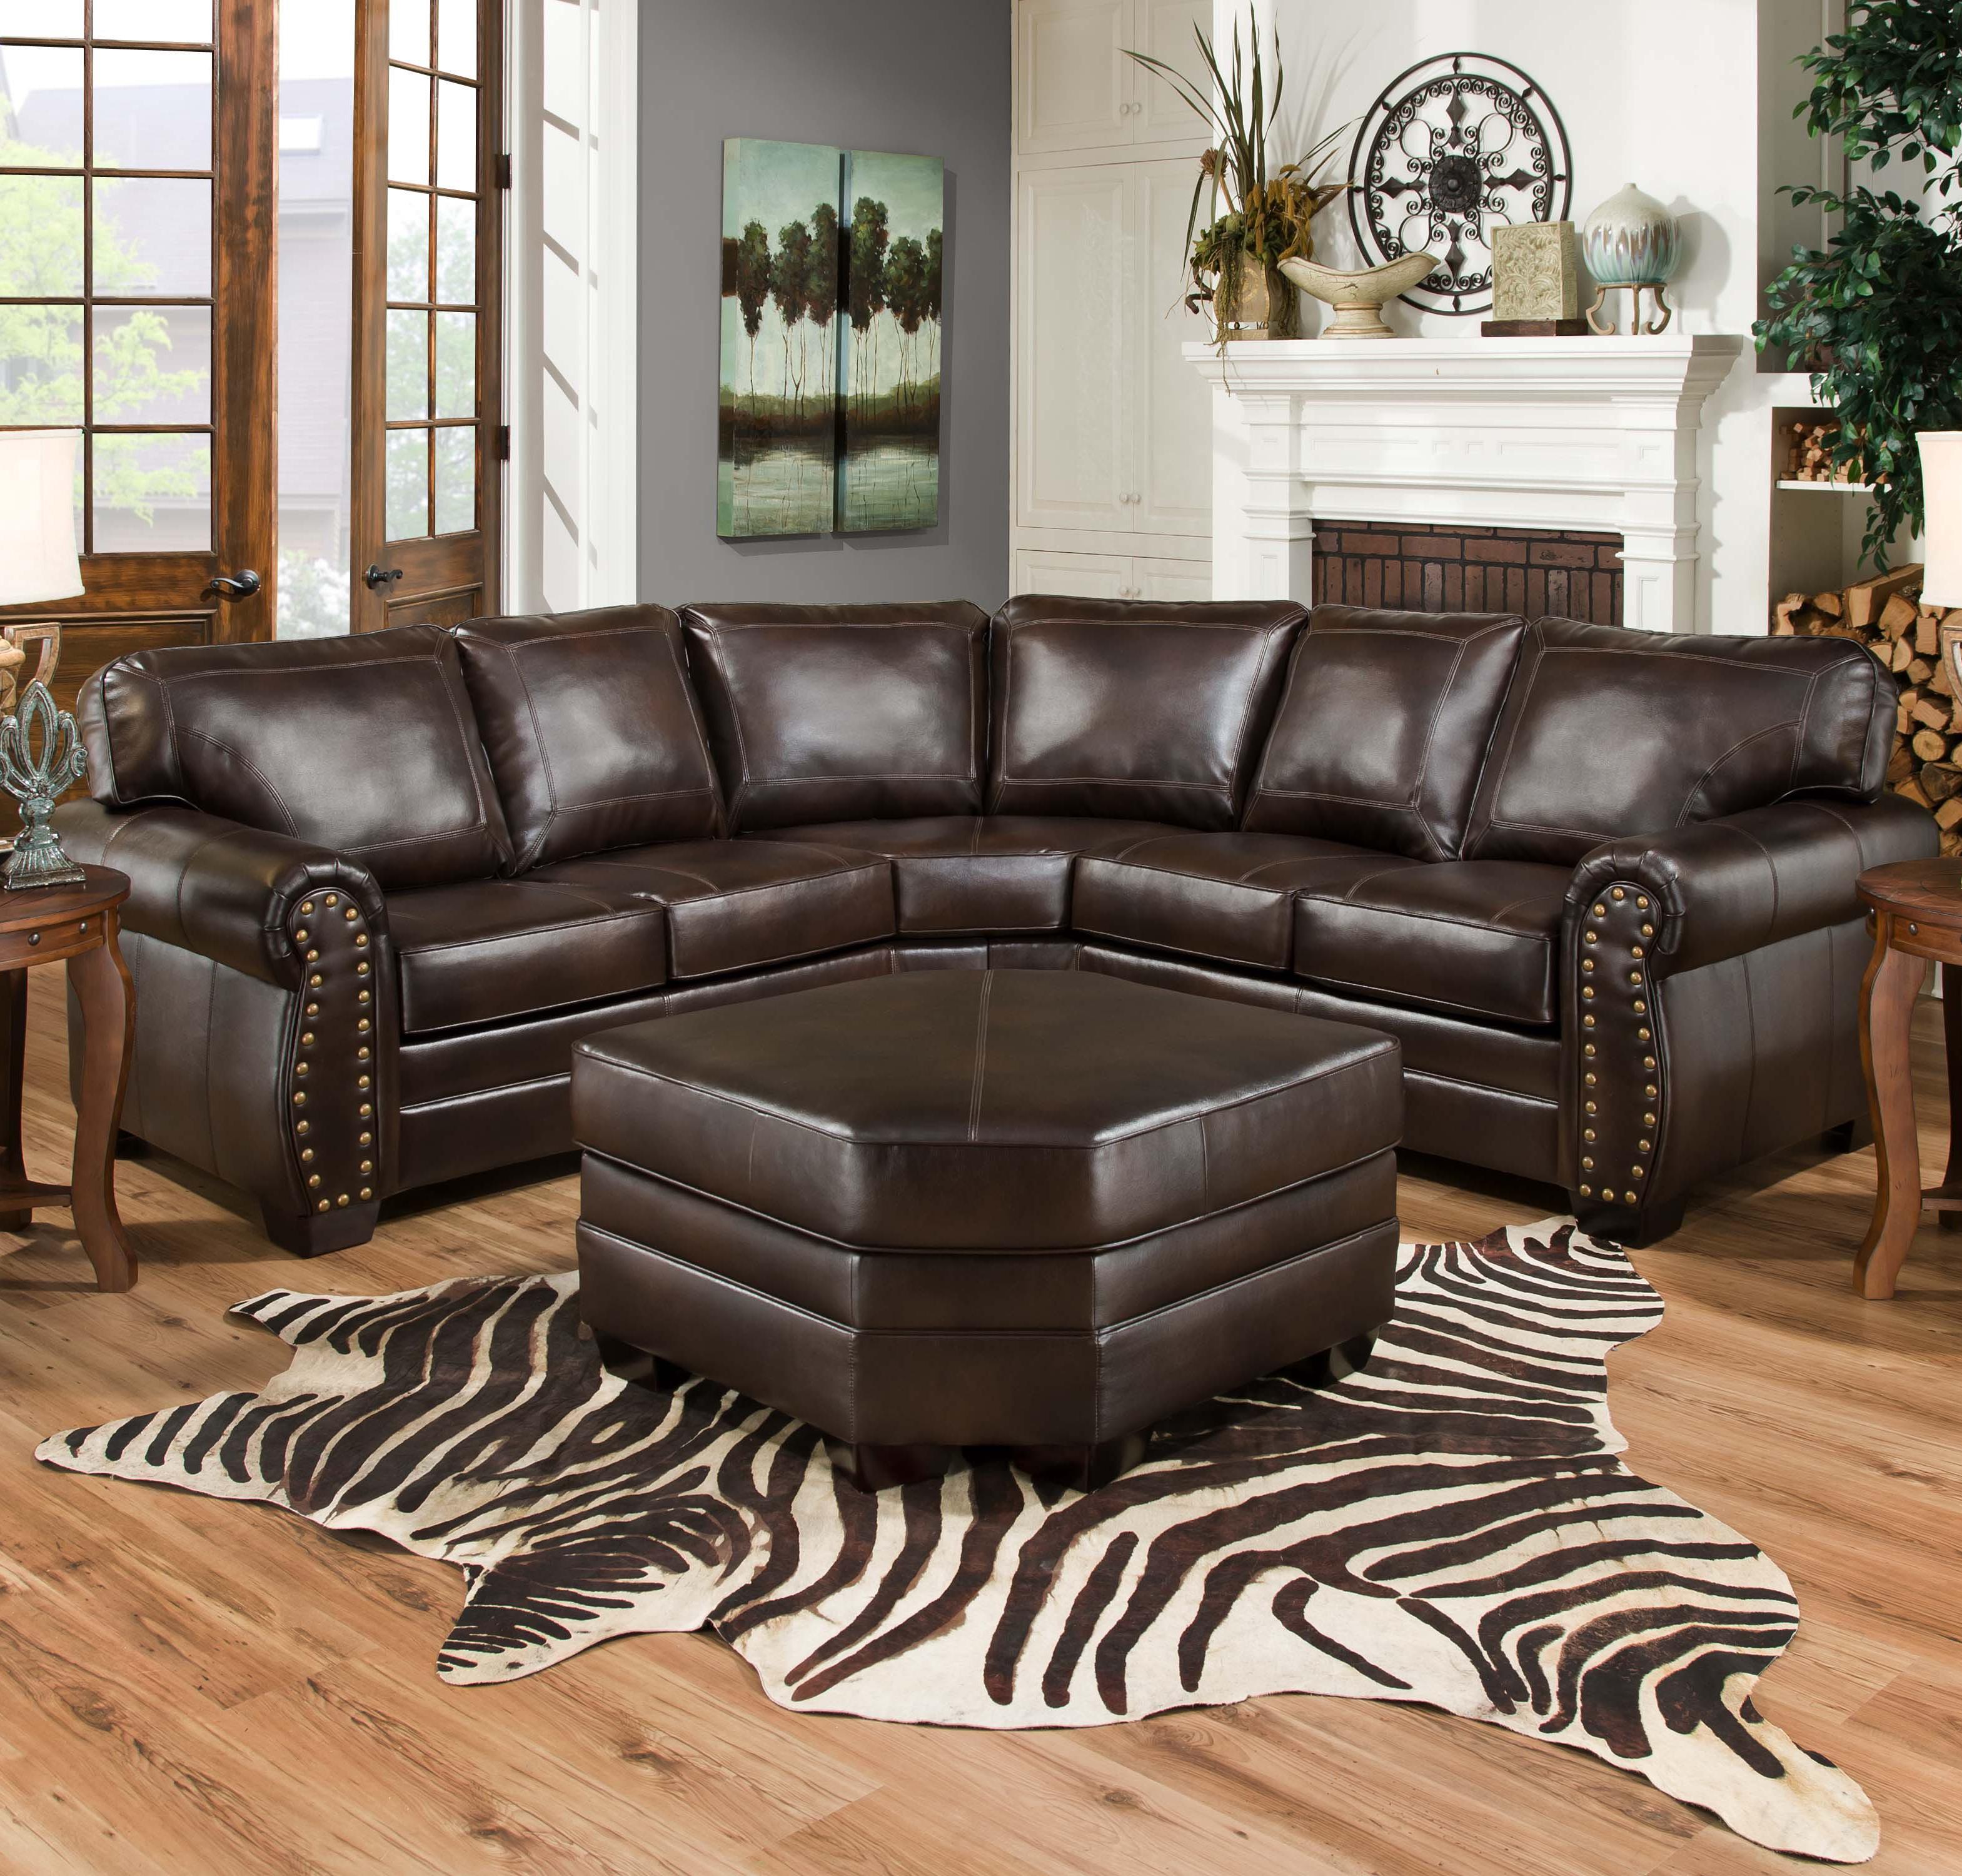 Charmant Simmons Upholstery 9222Sectional Sofa ...